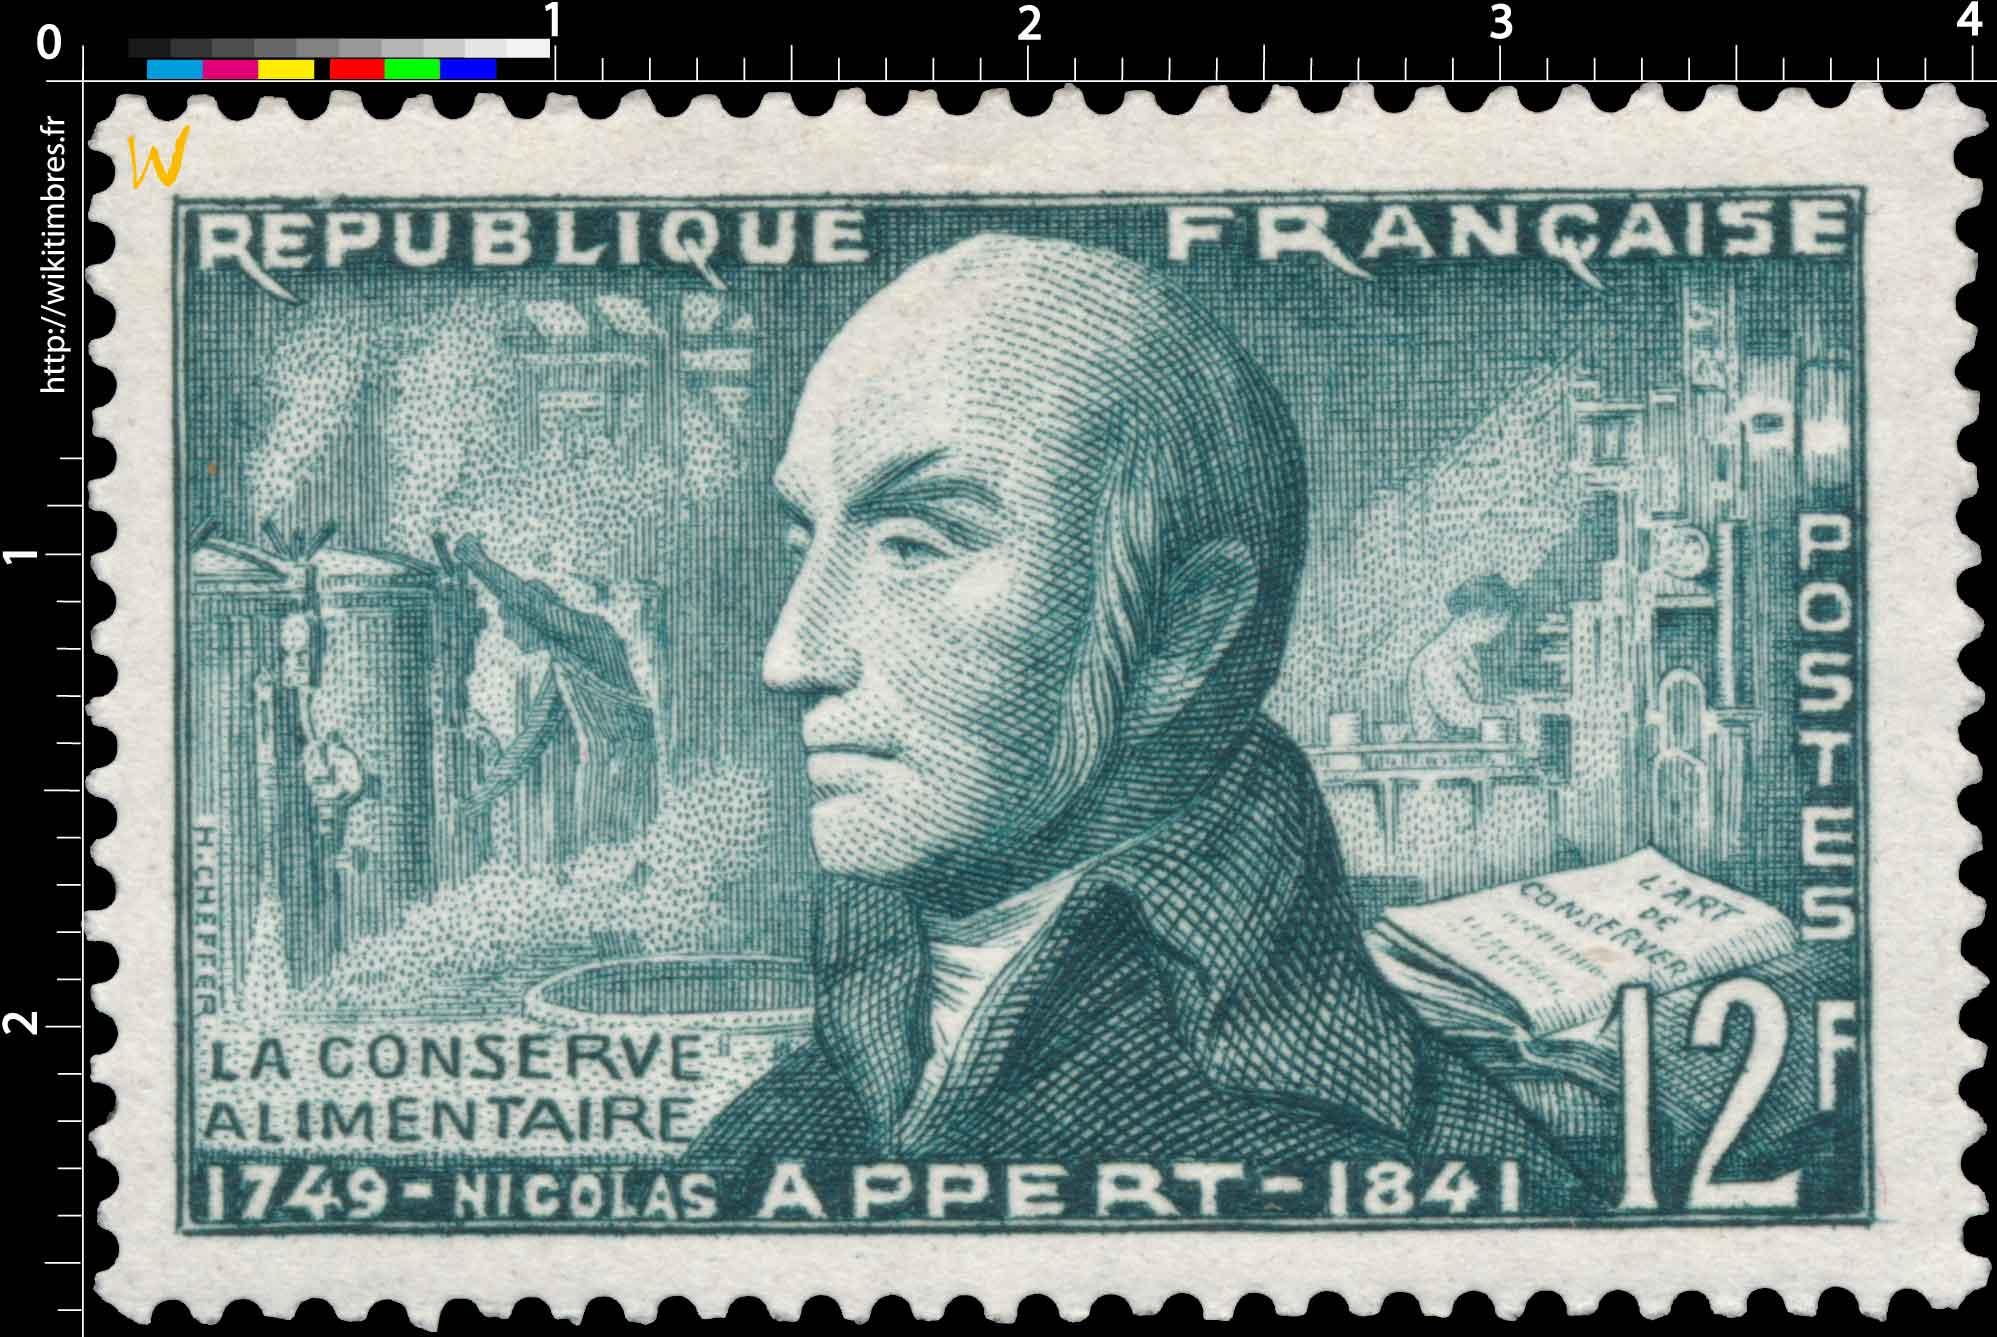 LA CONSERVE ALIMENTAIRE NICOLAS APPERT 1749-1841